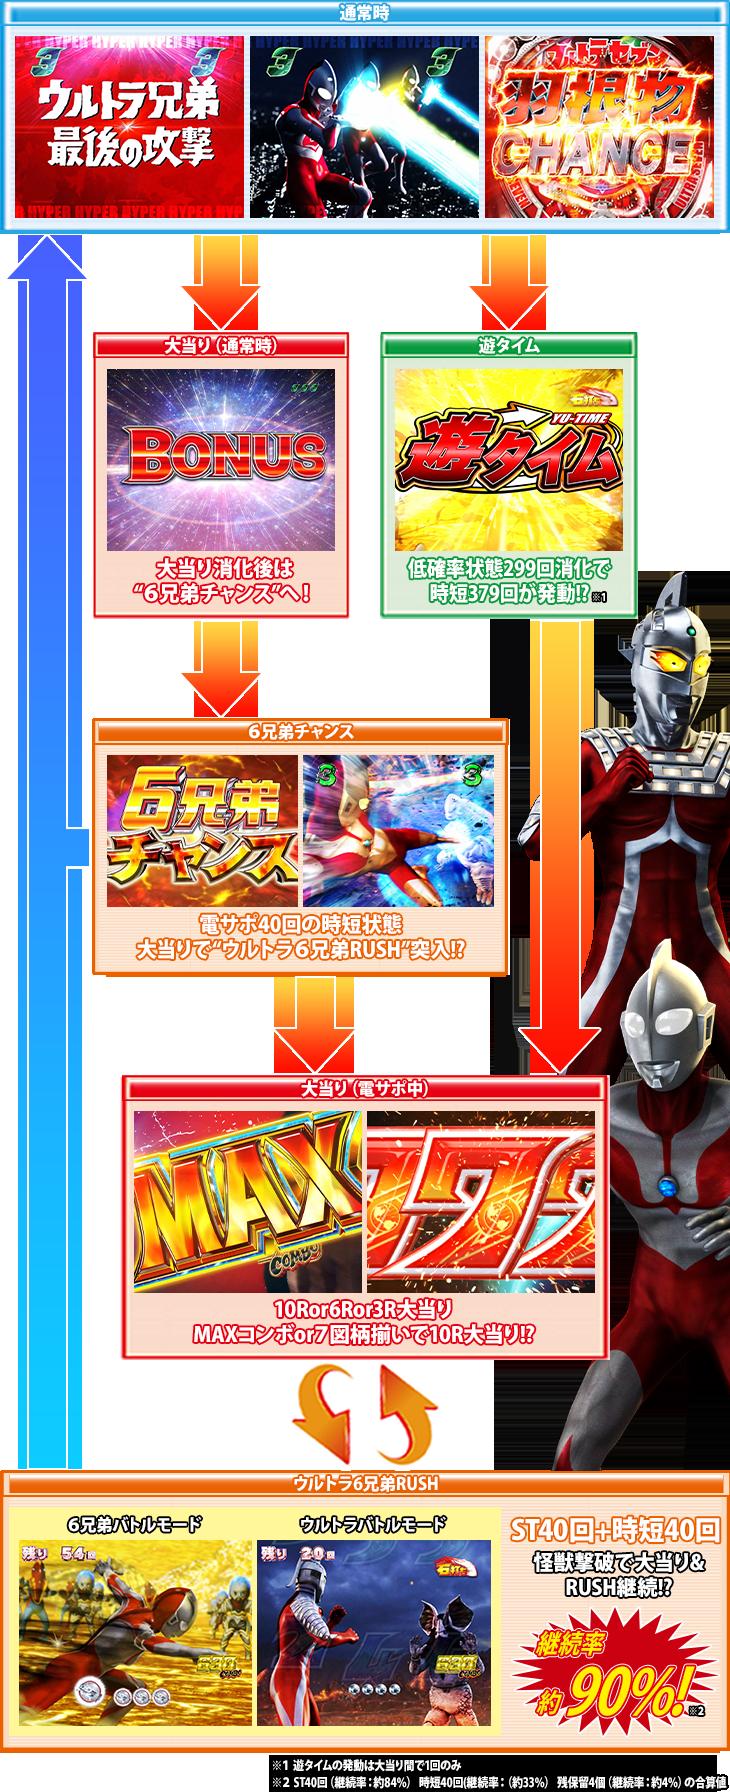 ぱちんこ ウルトラ6兄弟 Light Versionのゲームフロー